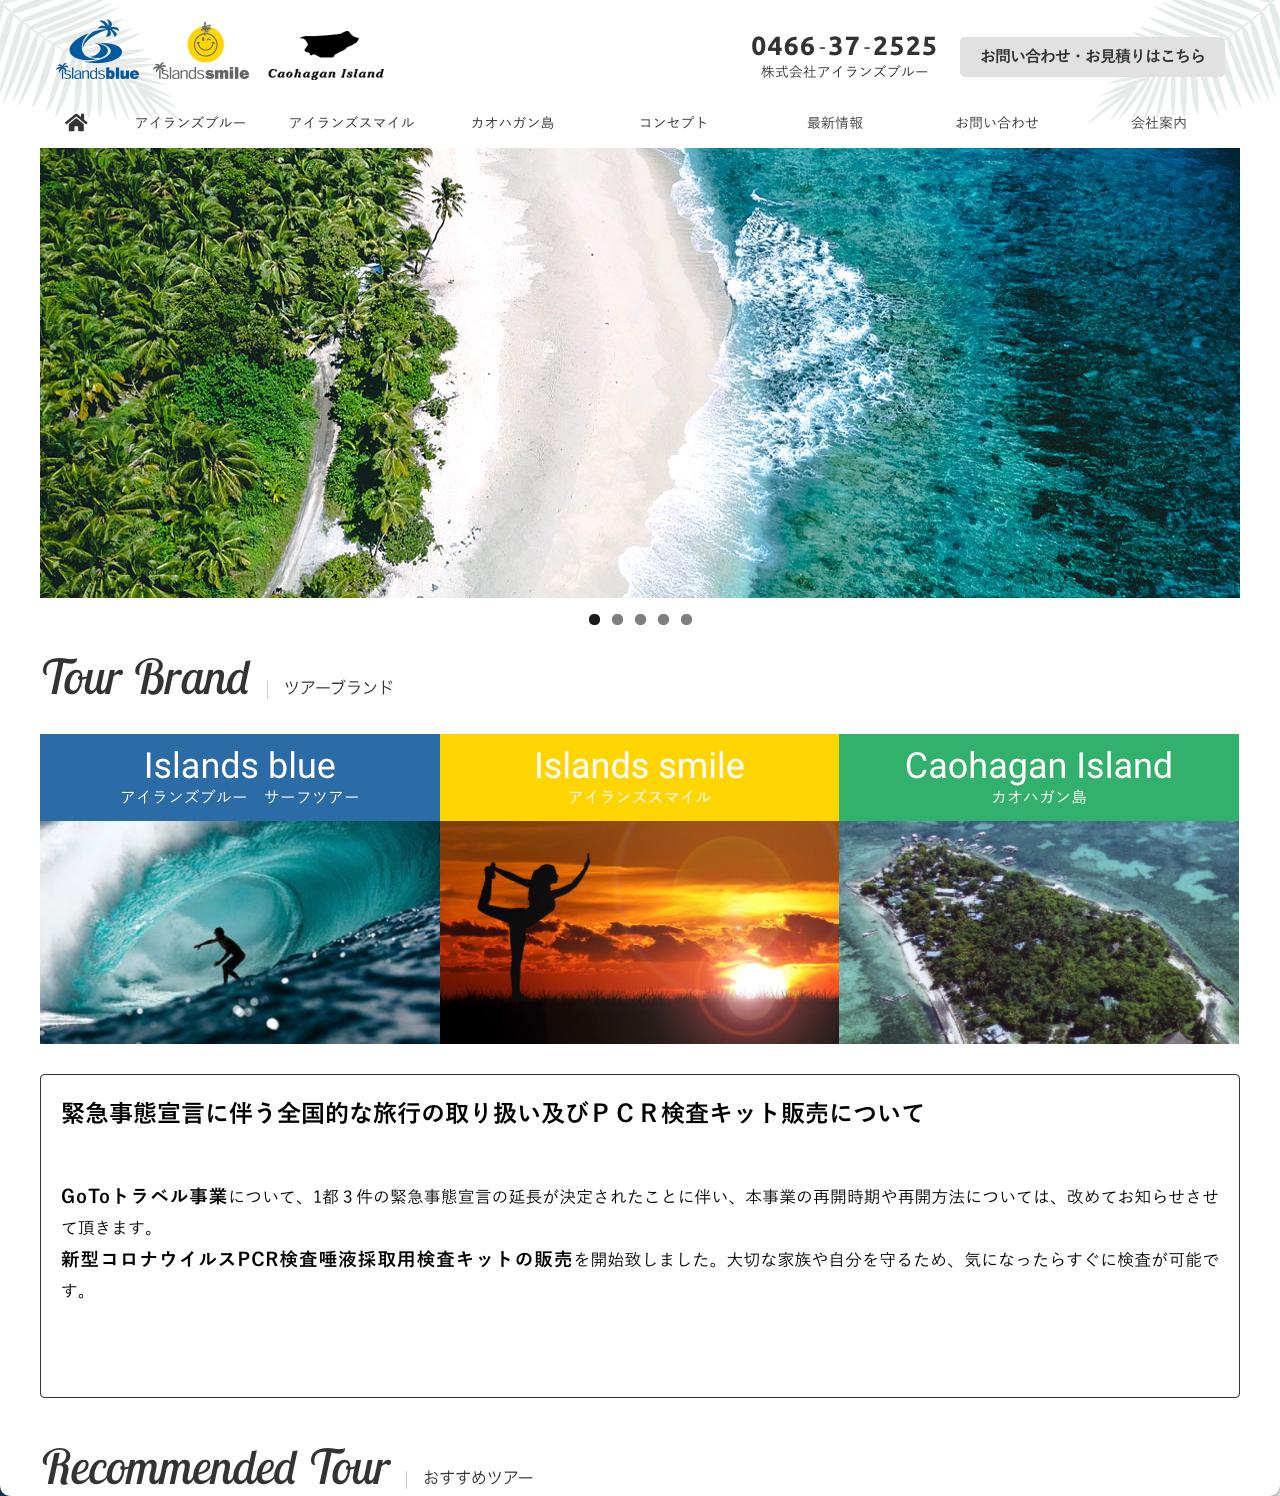 サーフツアーならサーフトリップ旅行専門アイランズブルーホームページ制作実績